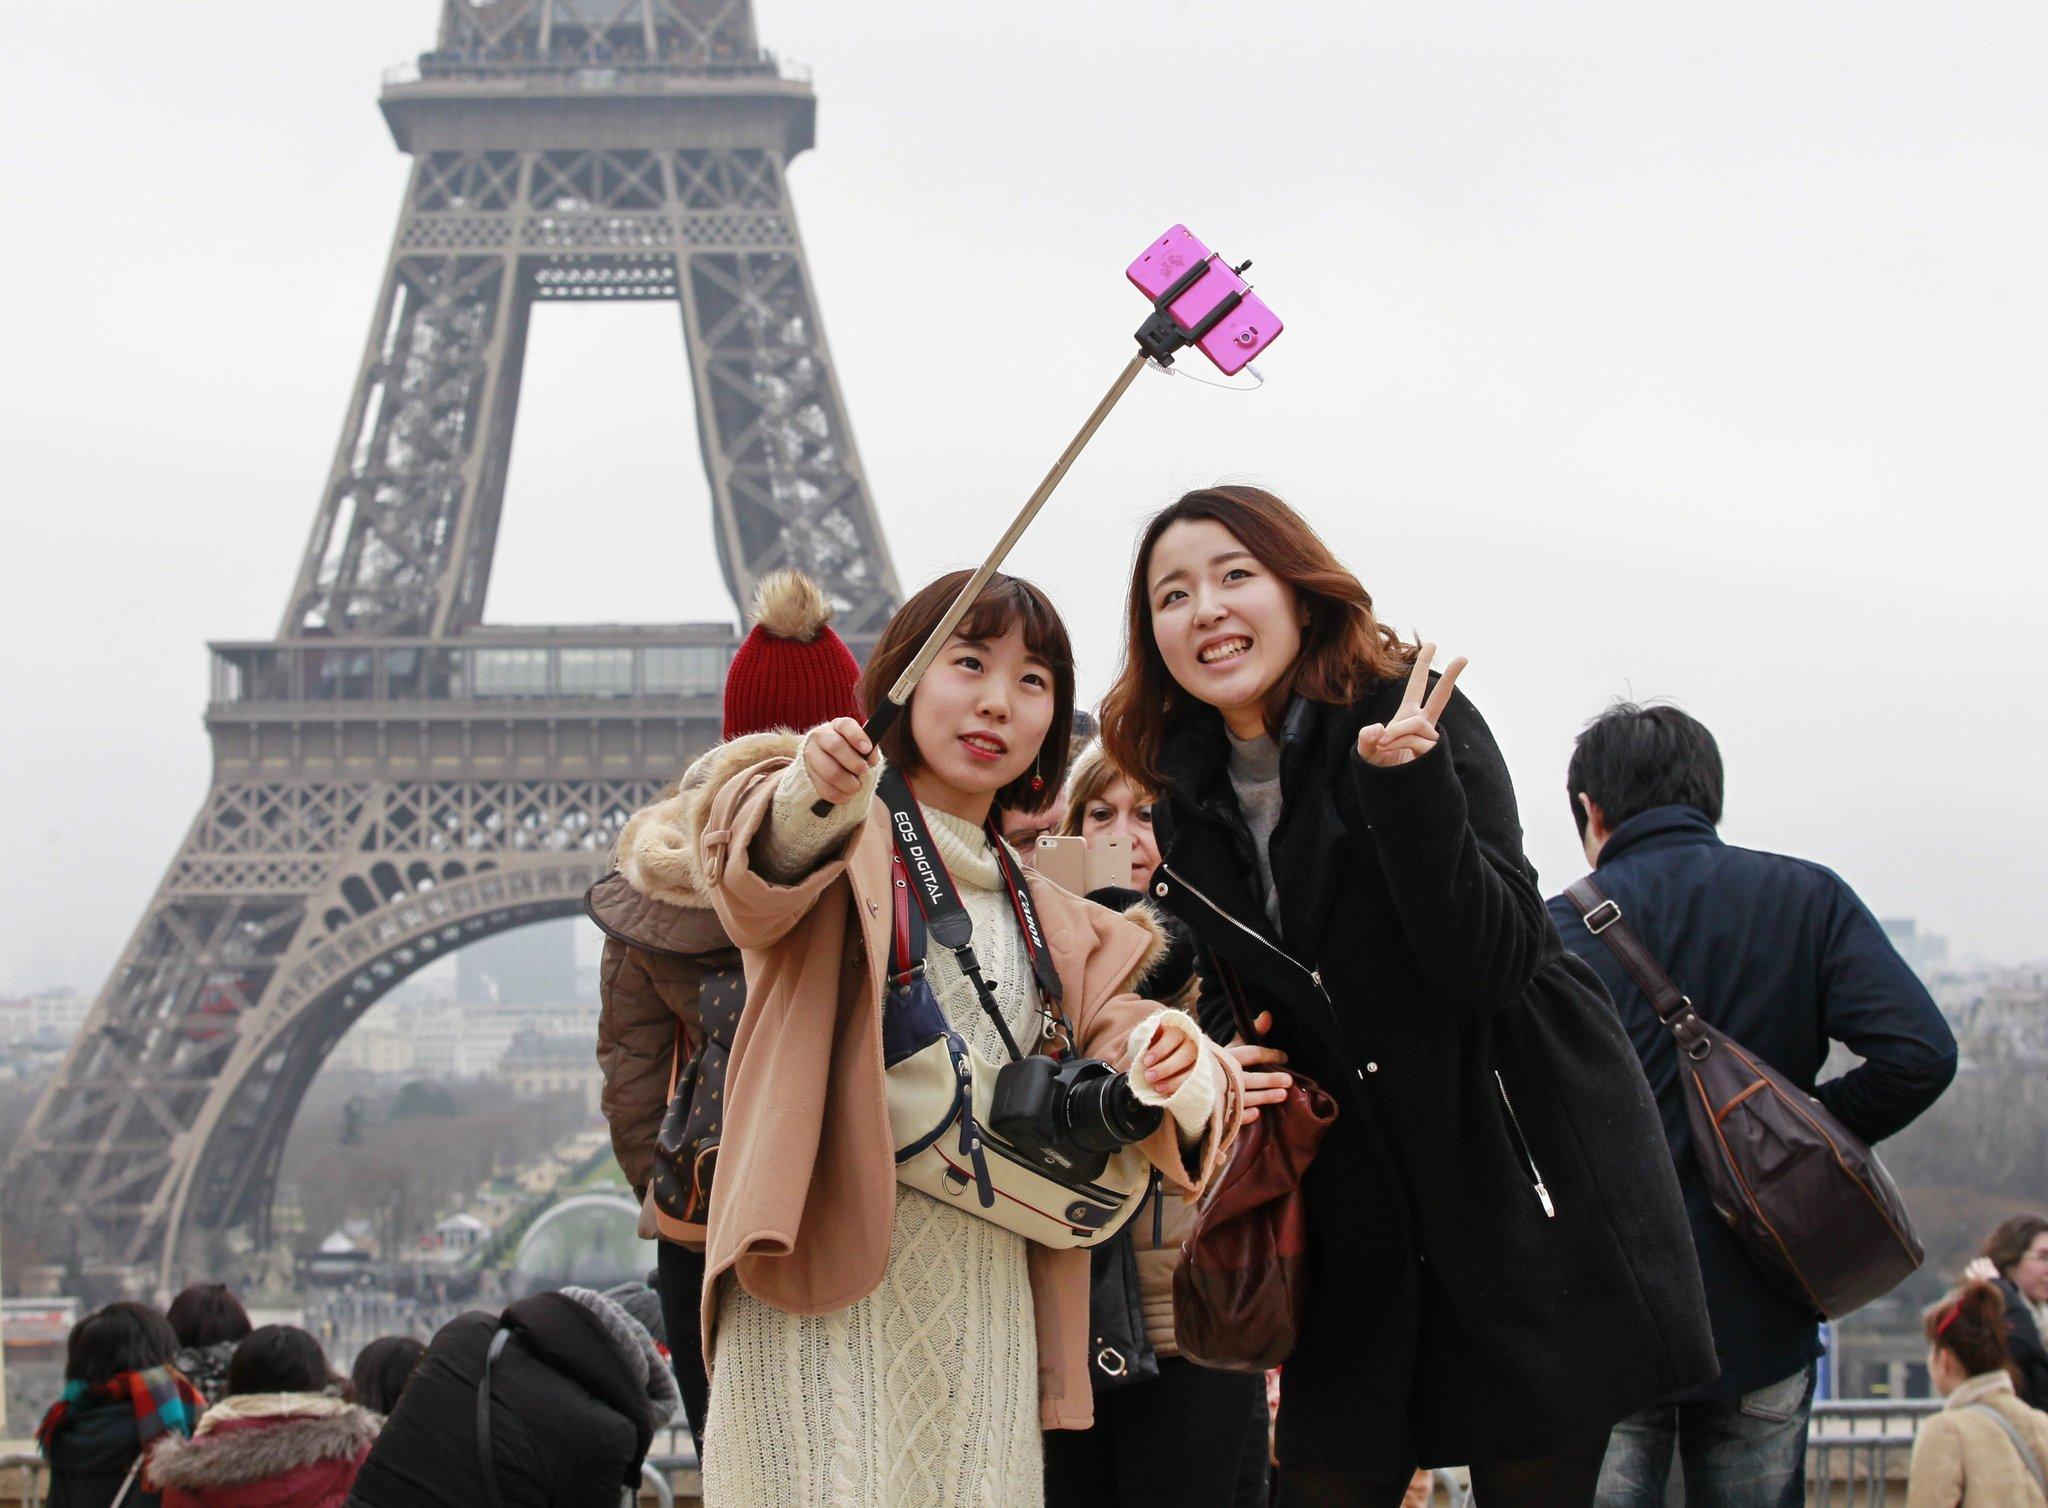 la-trb-selfie-stick-museums-ban-20150220